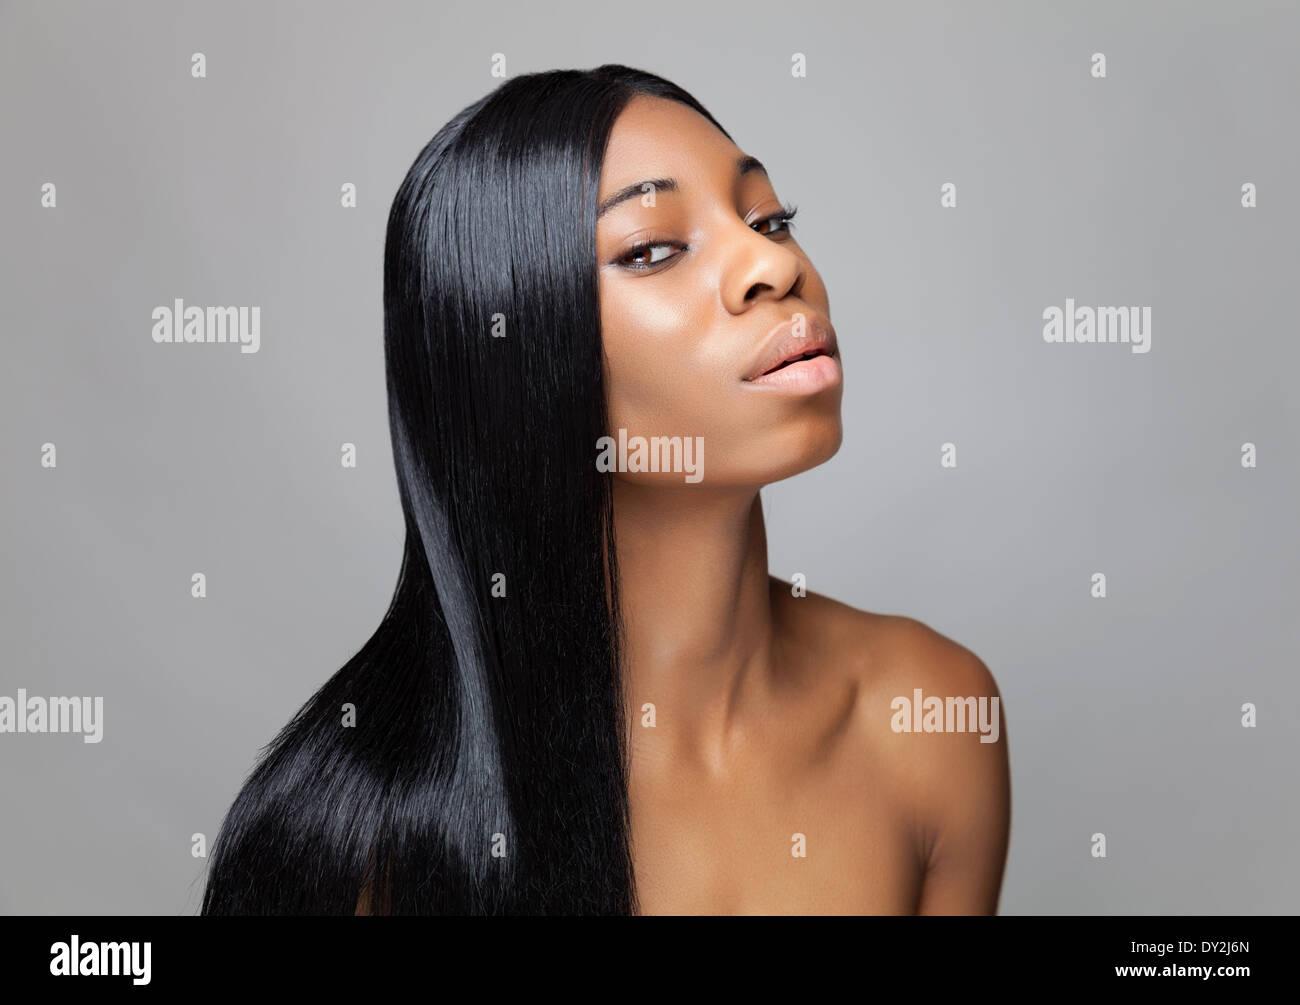 Belleza negra joven con cabello largo Imagen De Stock